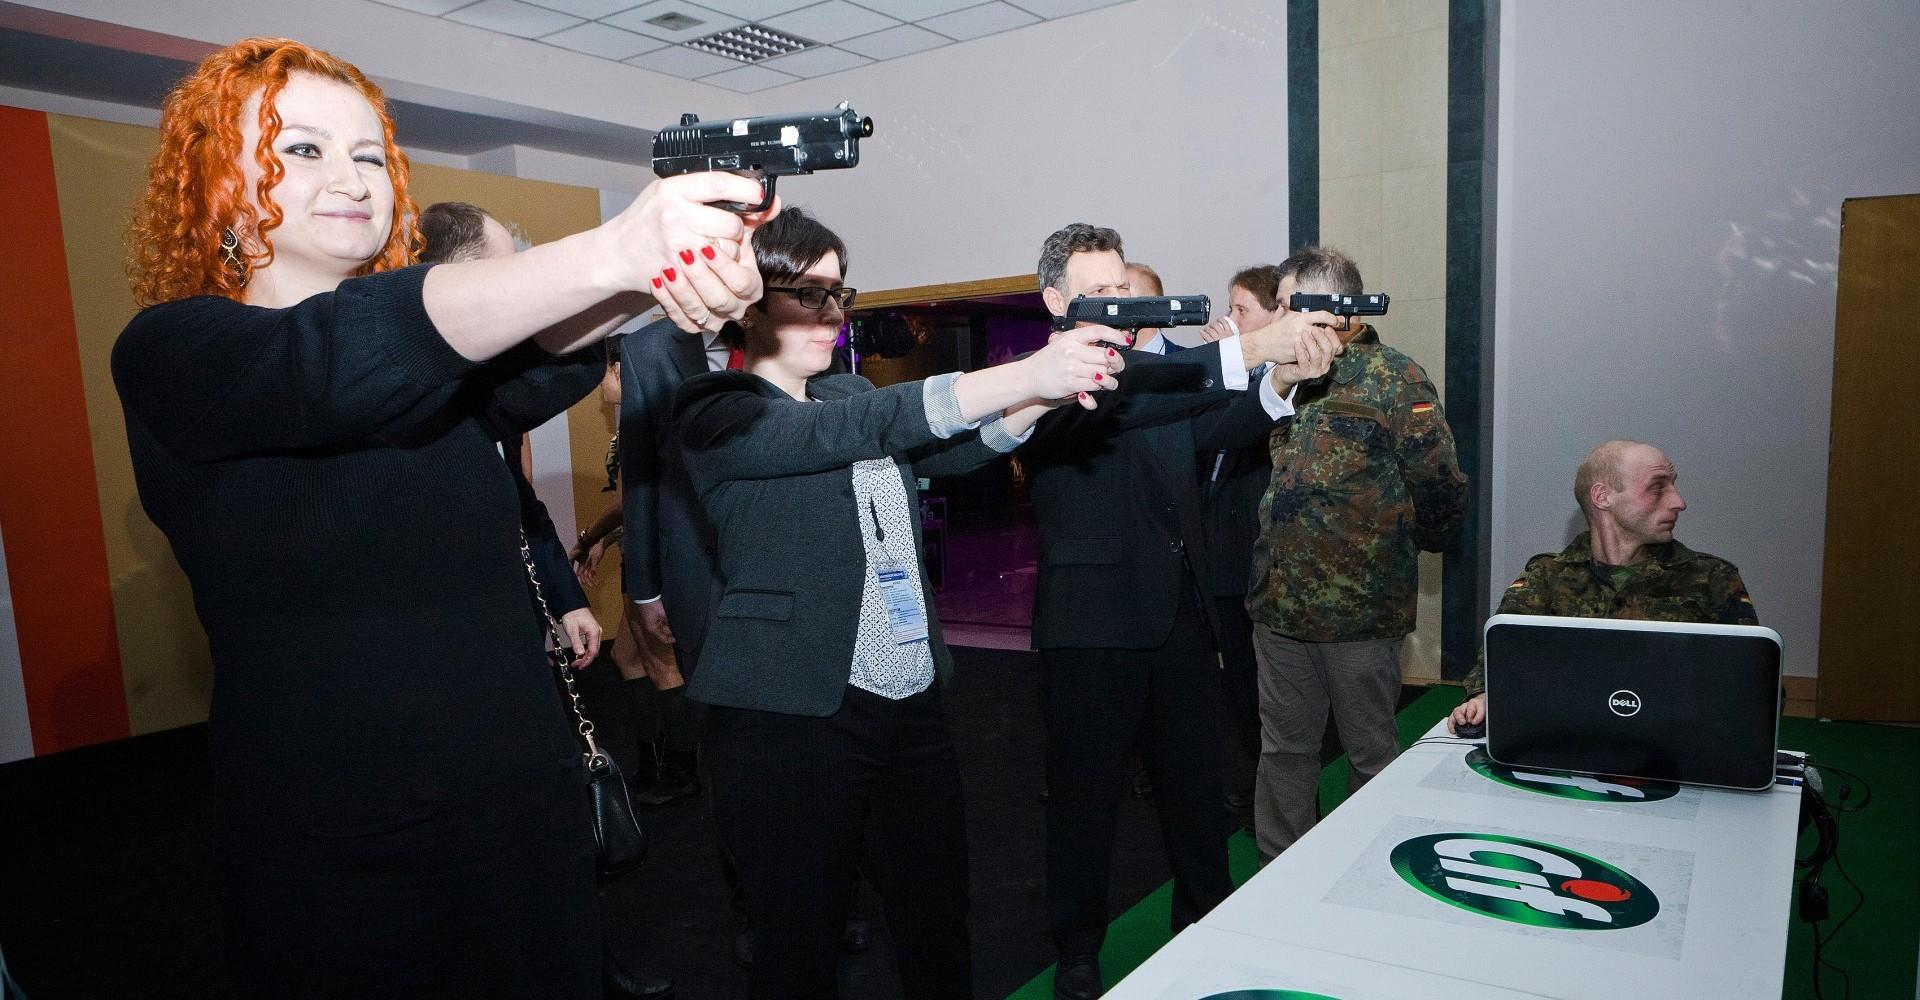 Cif strzelnica laserowa, atrakcje dla firm